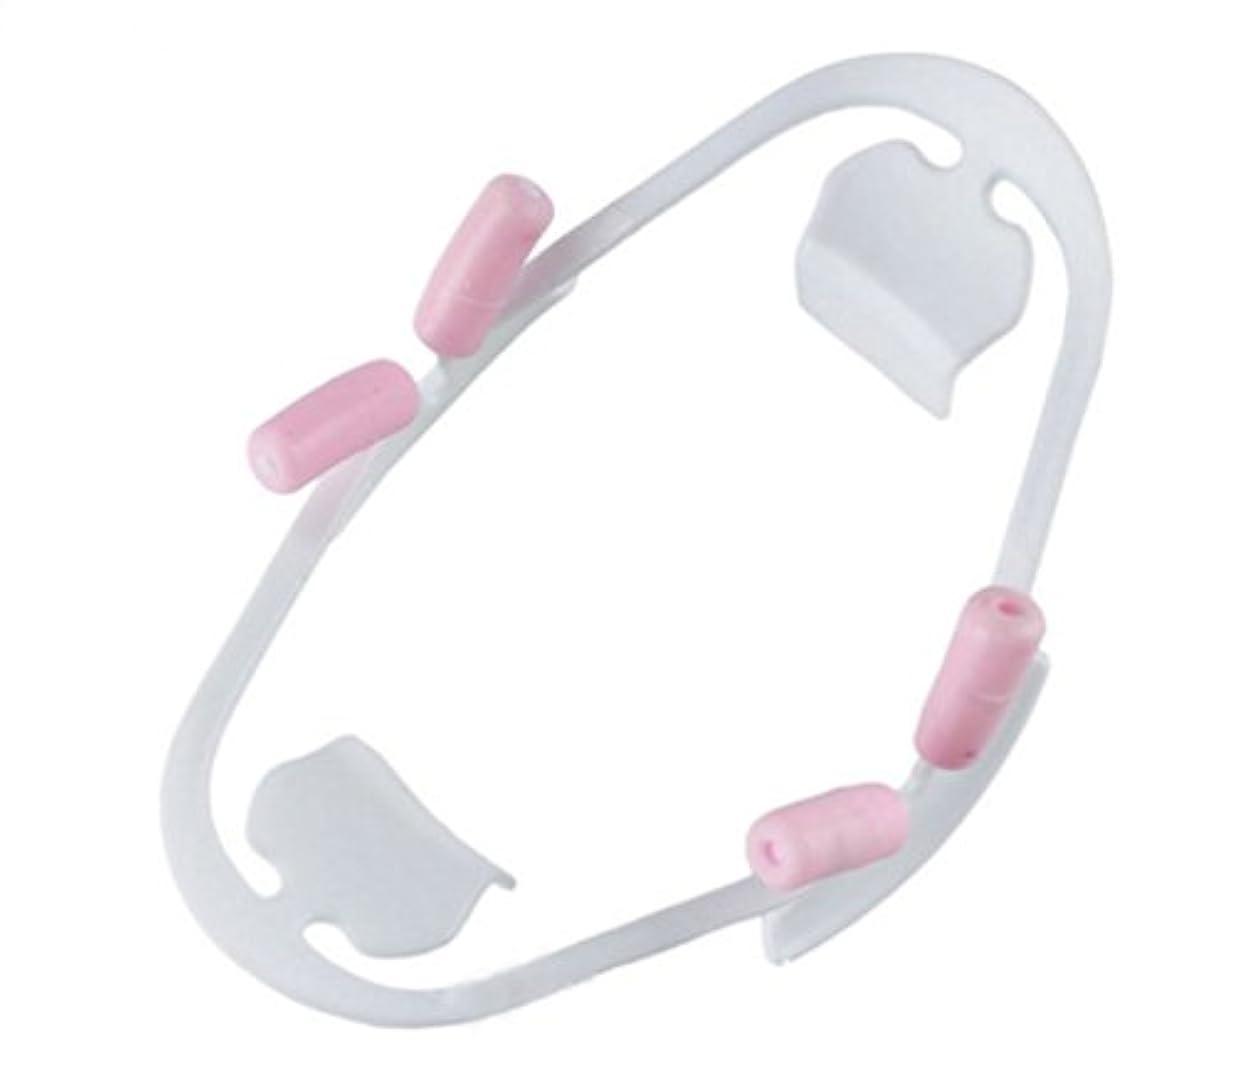 急性ハイジャック論理的diconna 歯科開口器 3D マウスオープナー 開口器 1個 業務用